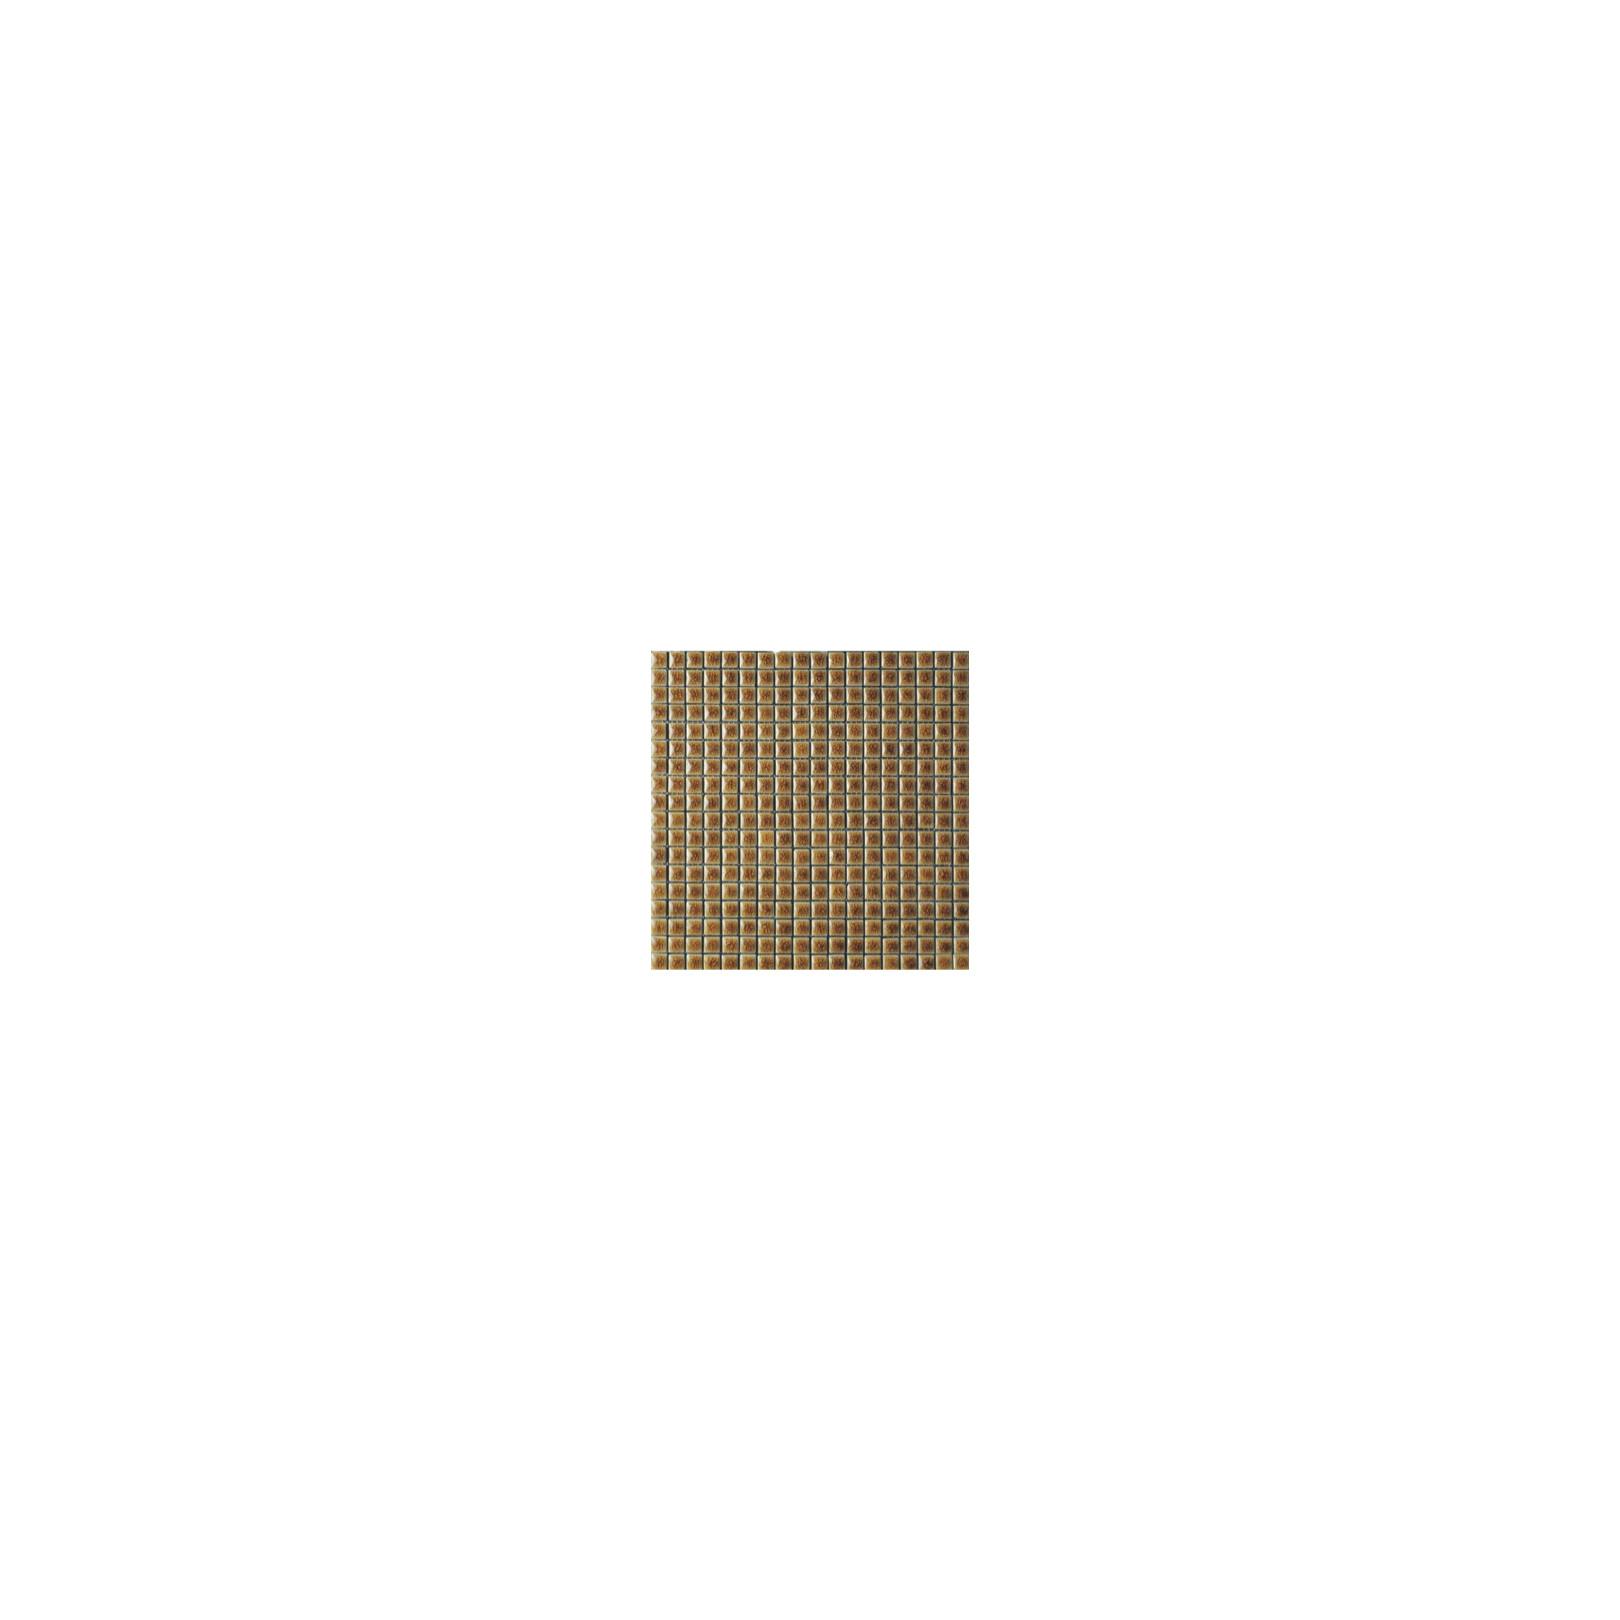 Mosaïque lave émaillée Giallo Dark, 1,5x1,5cm sur trame 29,6x29,6cm